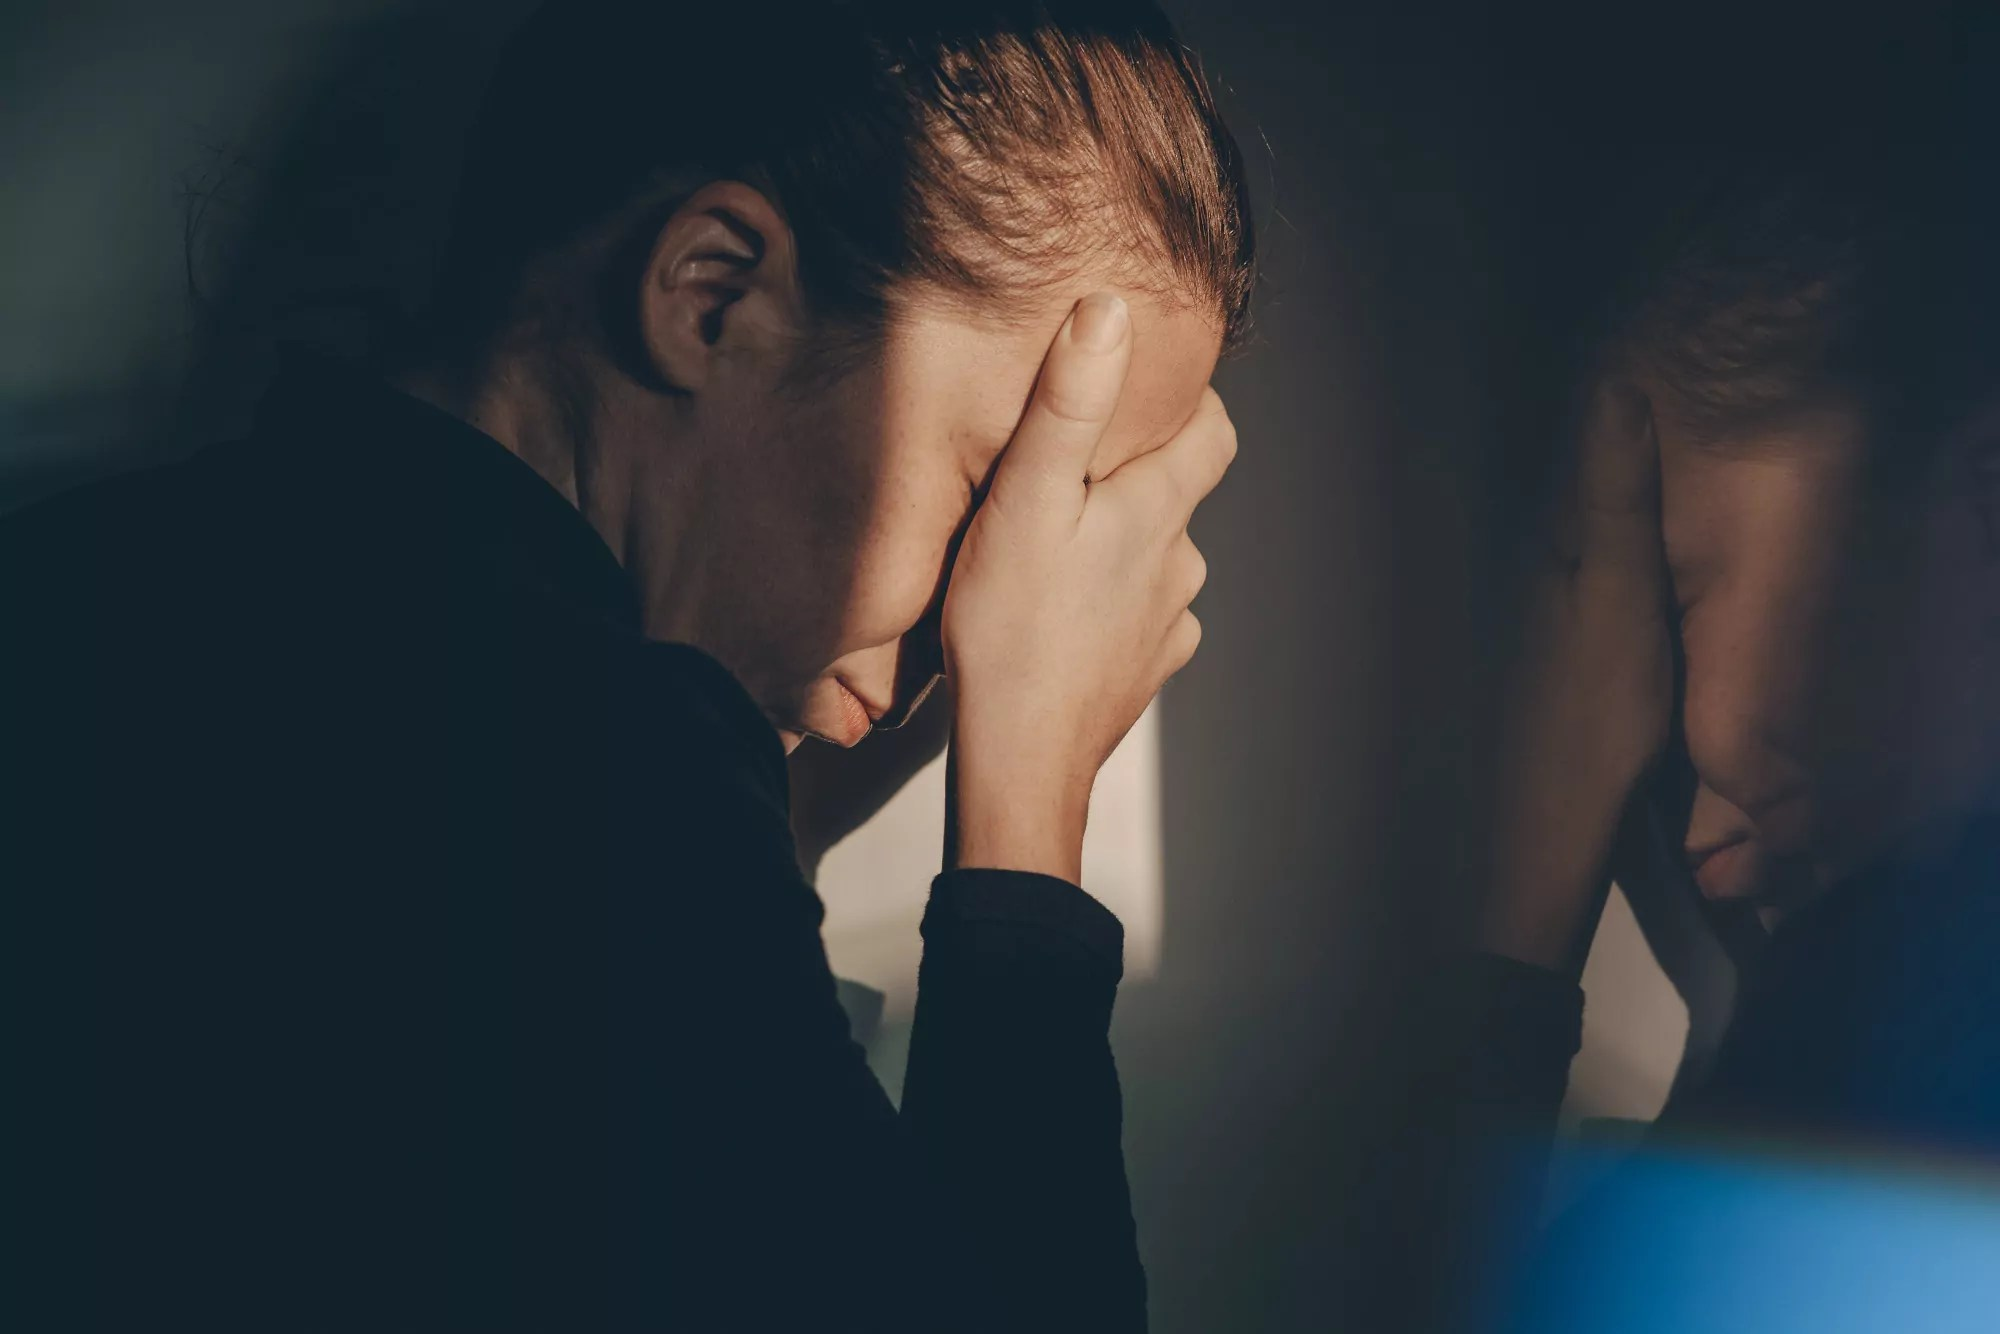 Según Maimónides, el arrepentimiento más creíble ocurre mientras un individuo se da cuenta de su error y se detiene antes de que alguien más lo sepa